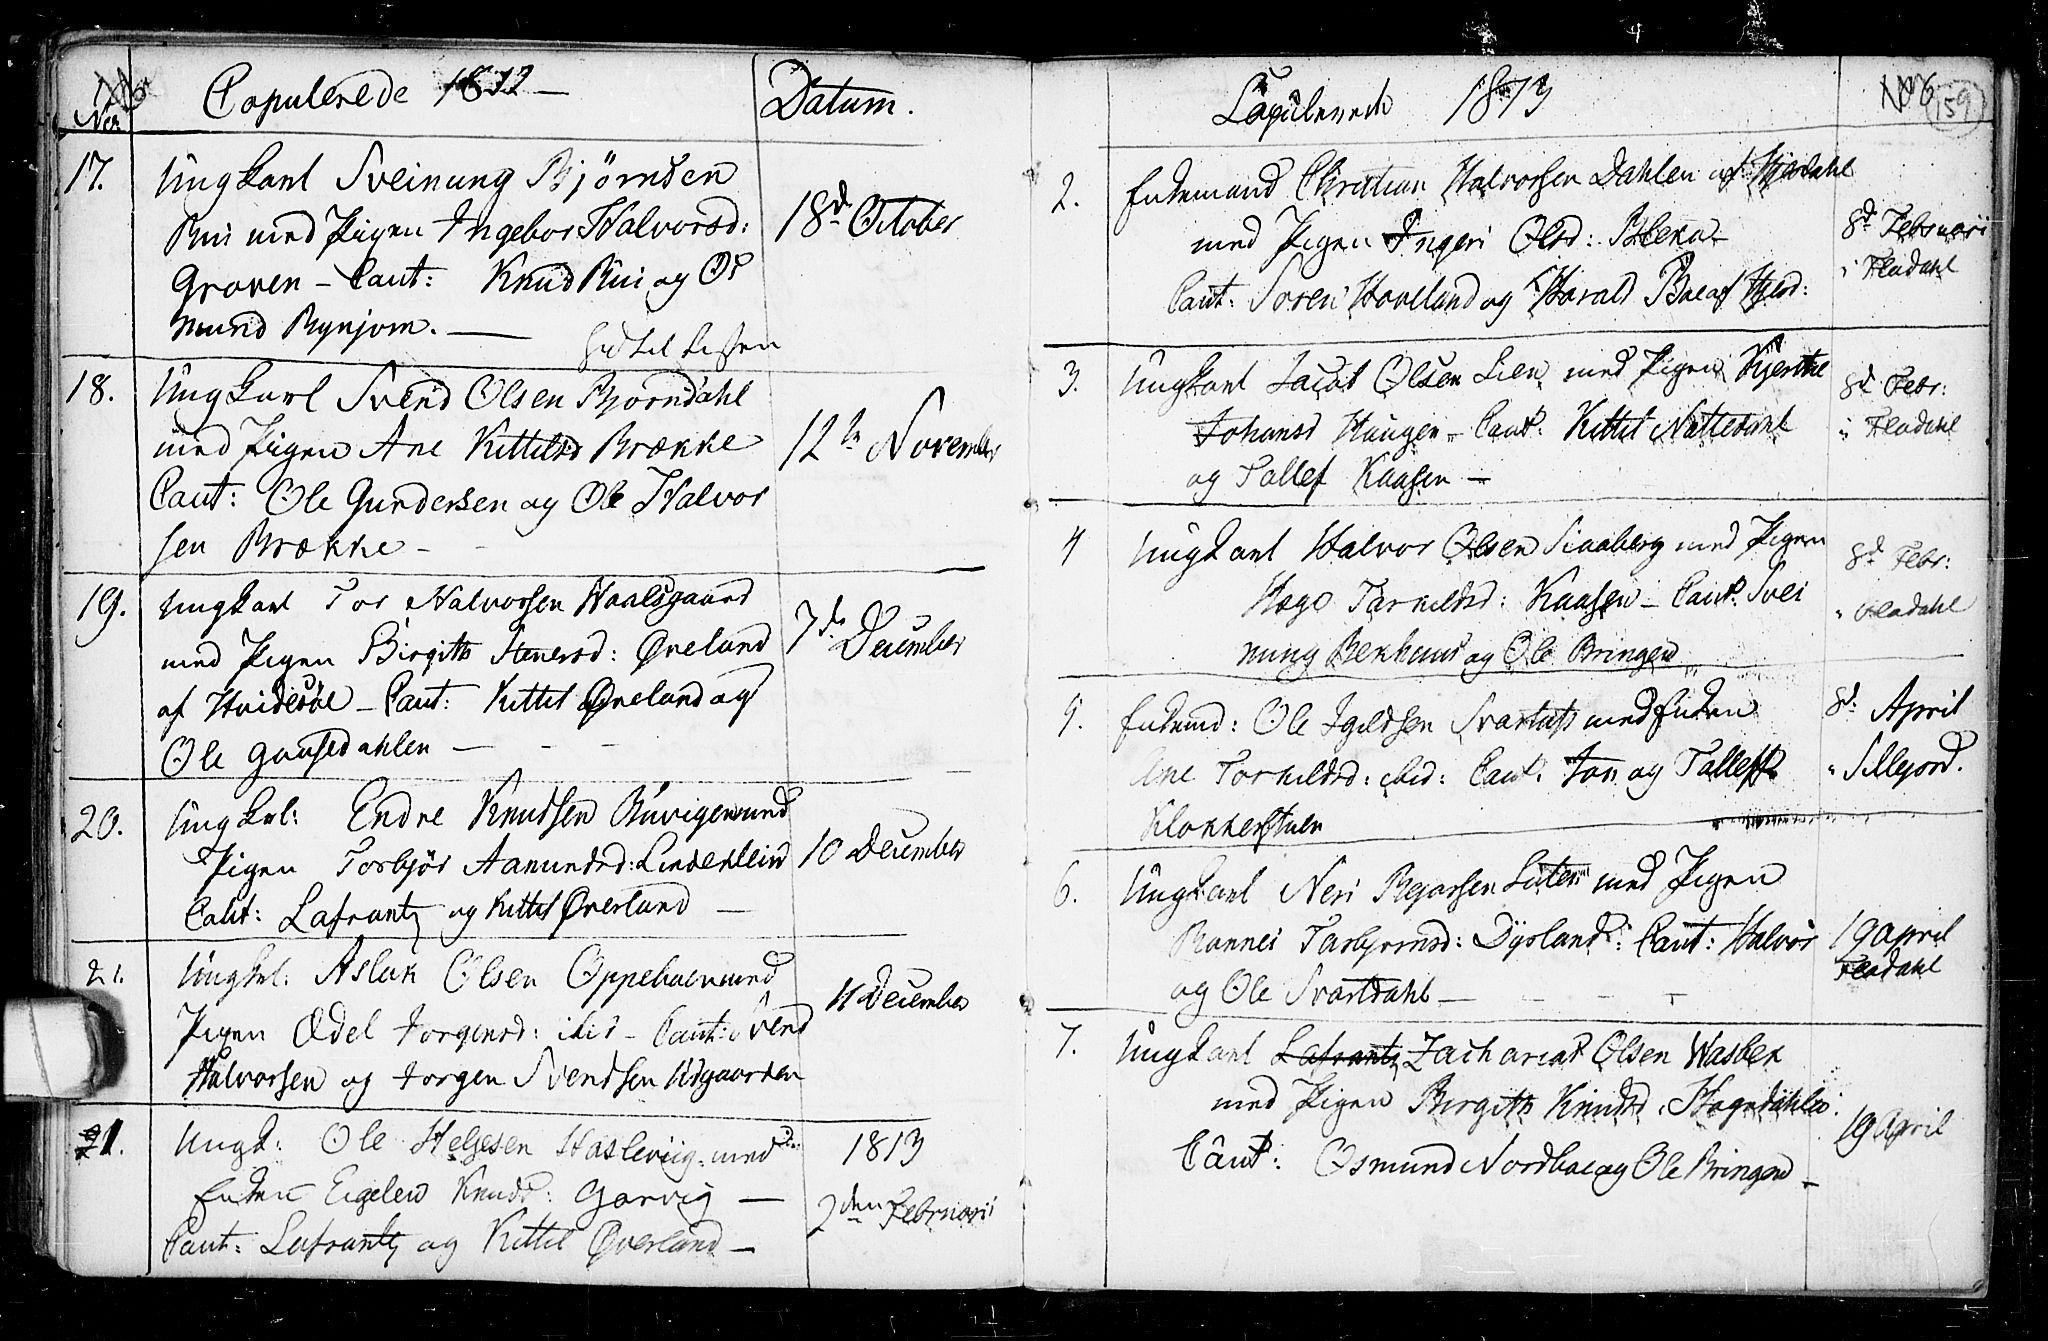 SAKO, Seljord kirkebøker, F/Fa/L0008: Ministerialbok nr. I 8, 1755-1814, s. 159